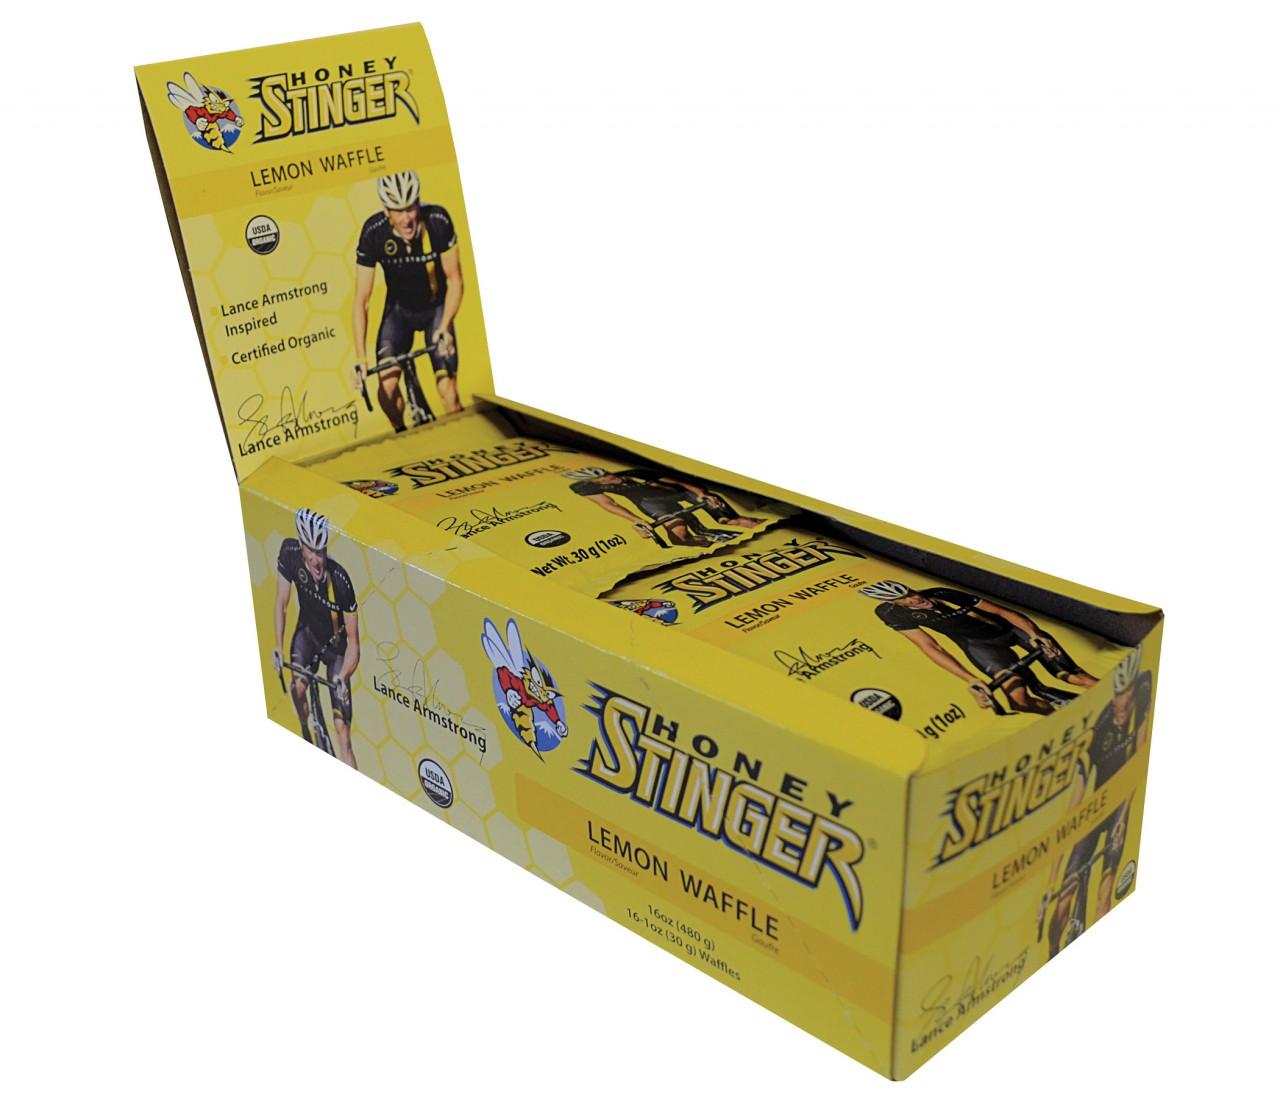 Honey Stinger Lemon Waffle Box